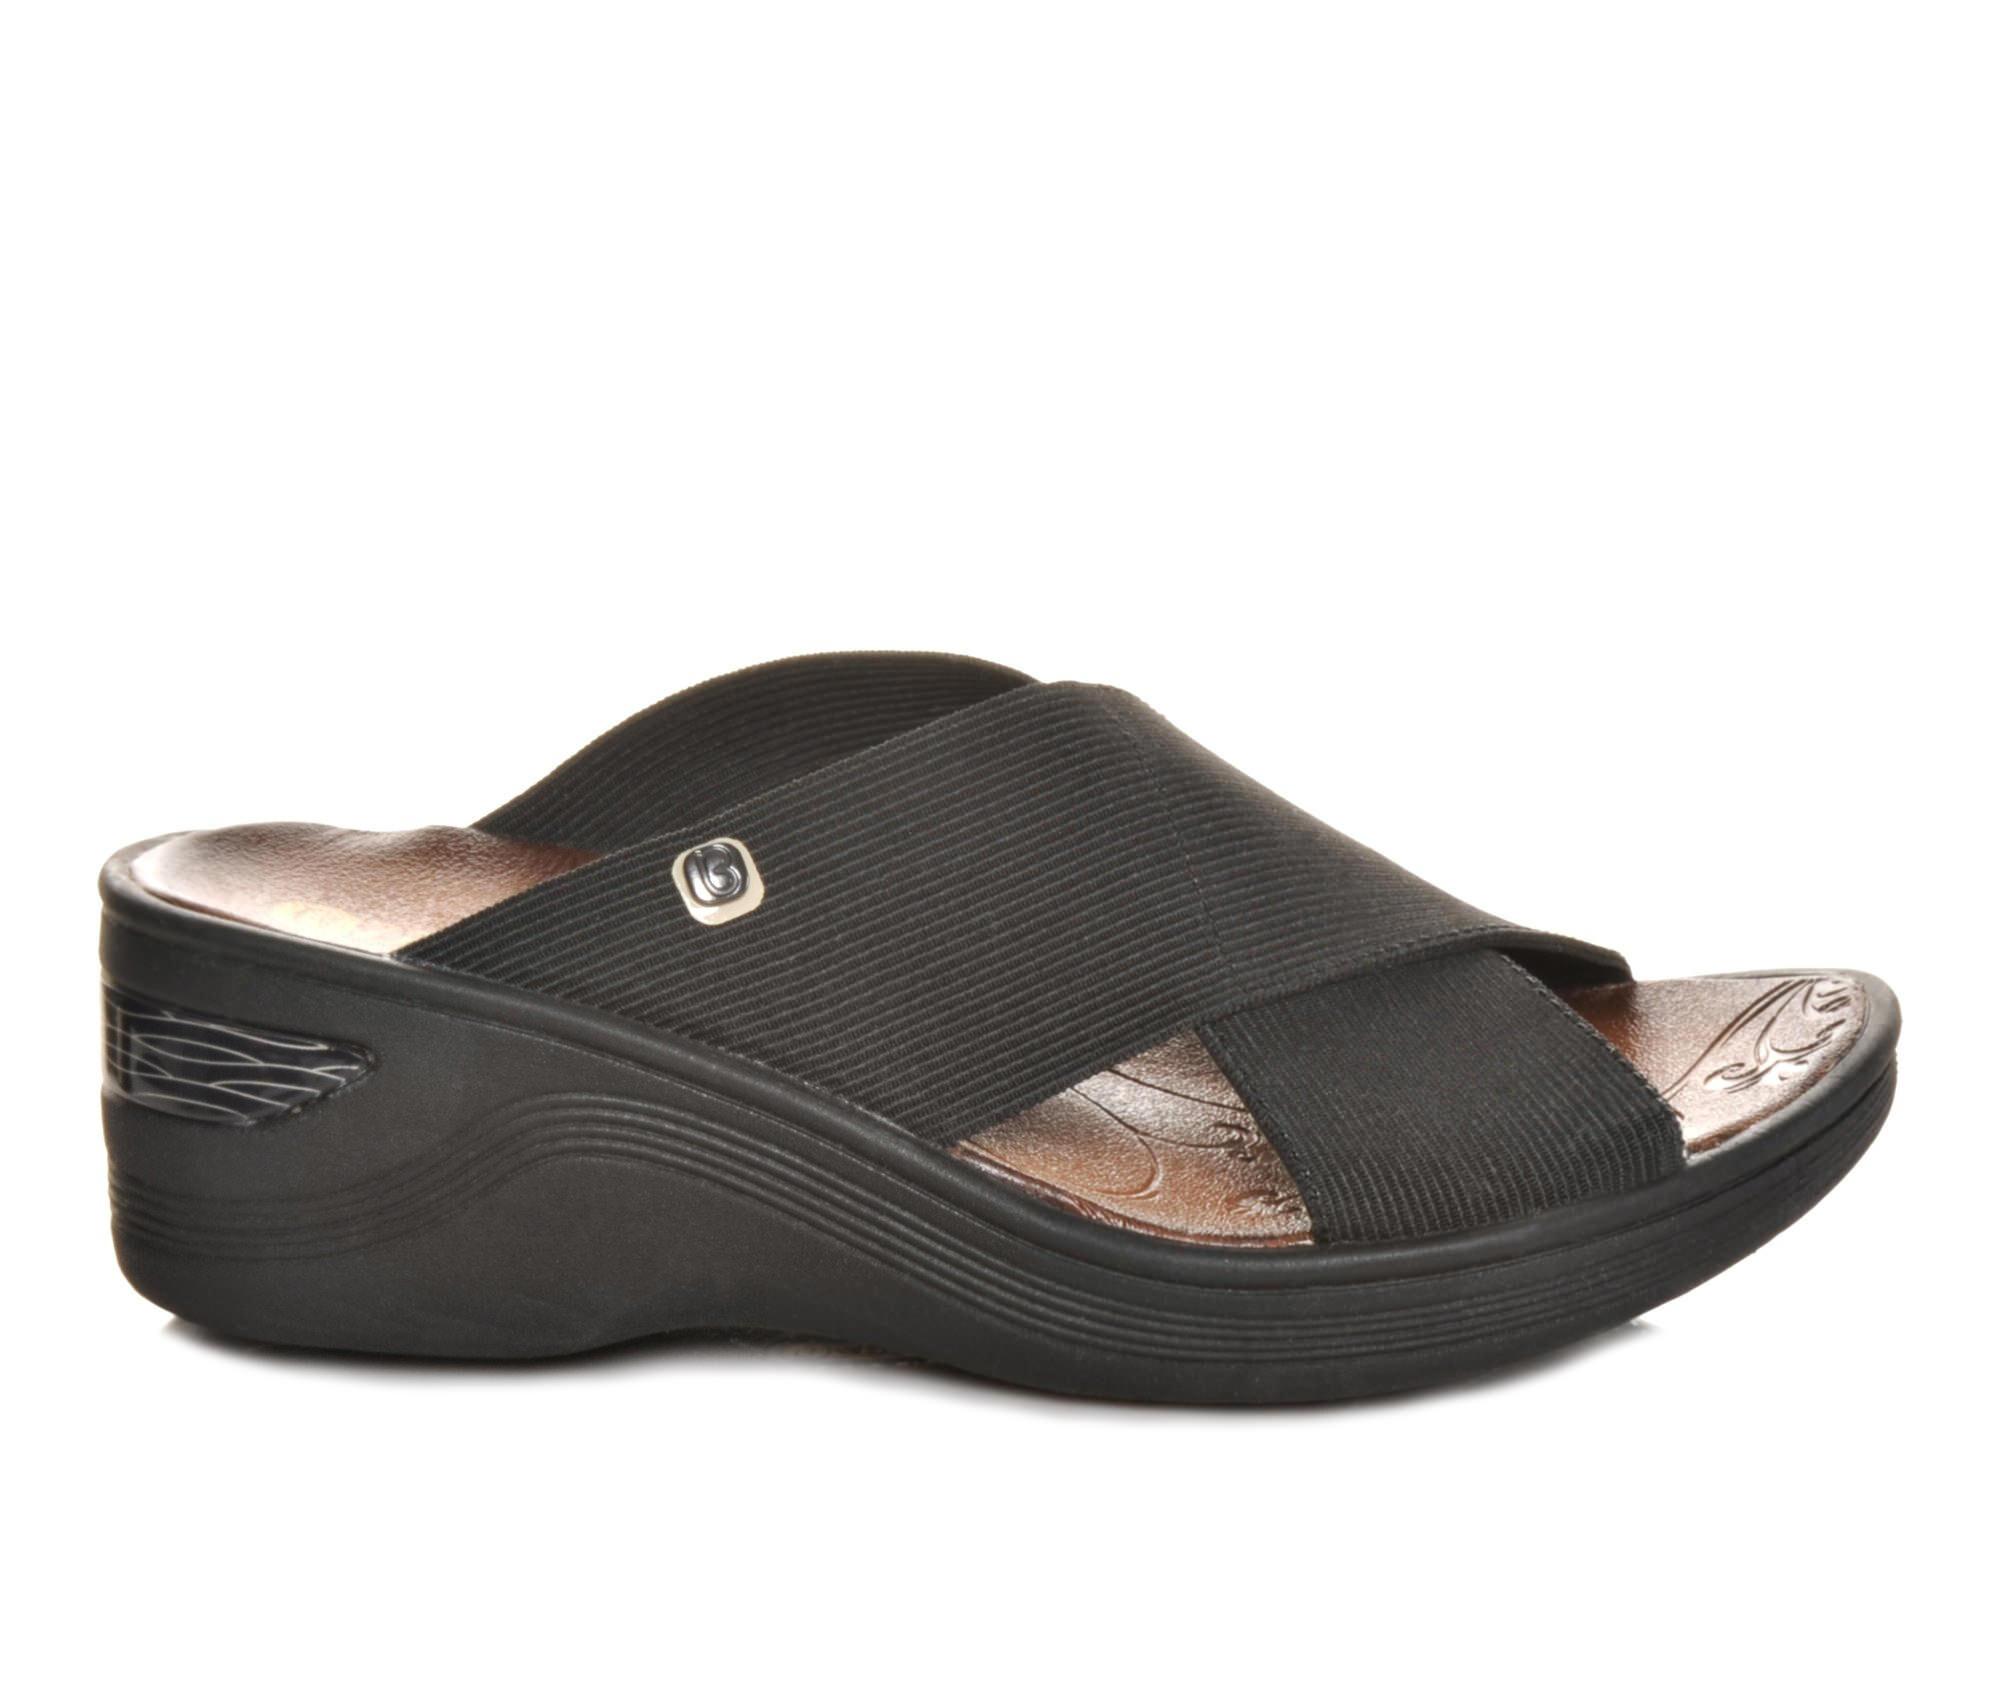 Images. Women's BZEES Desire Wedge Sandals